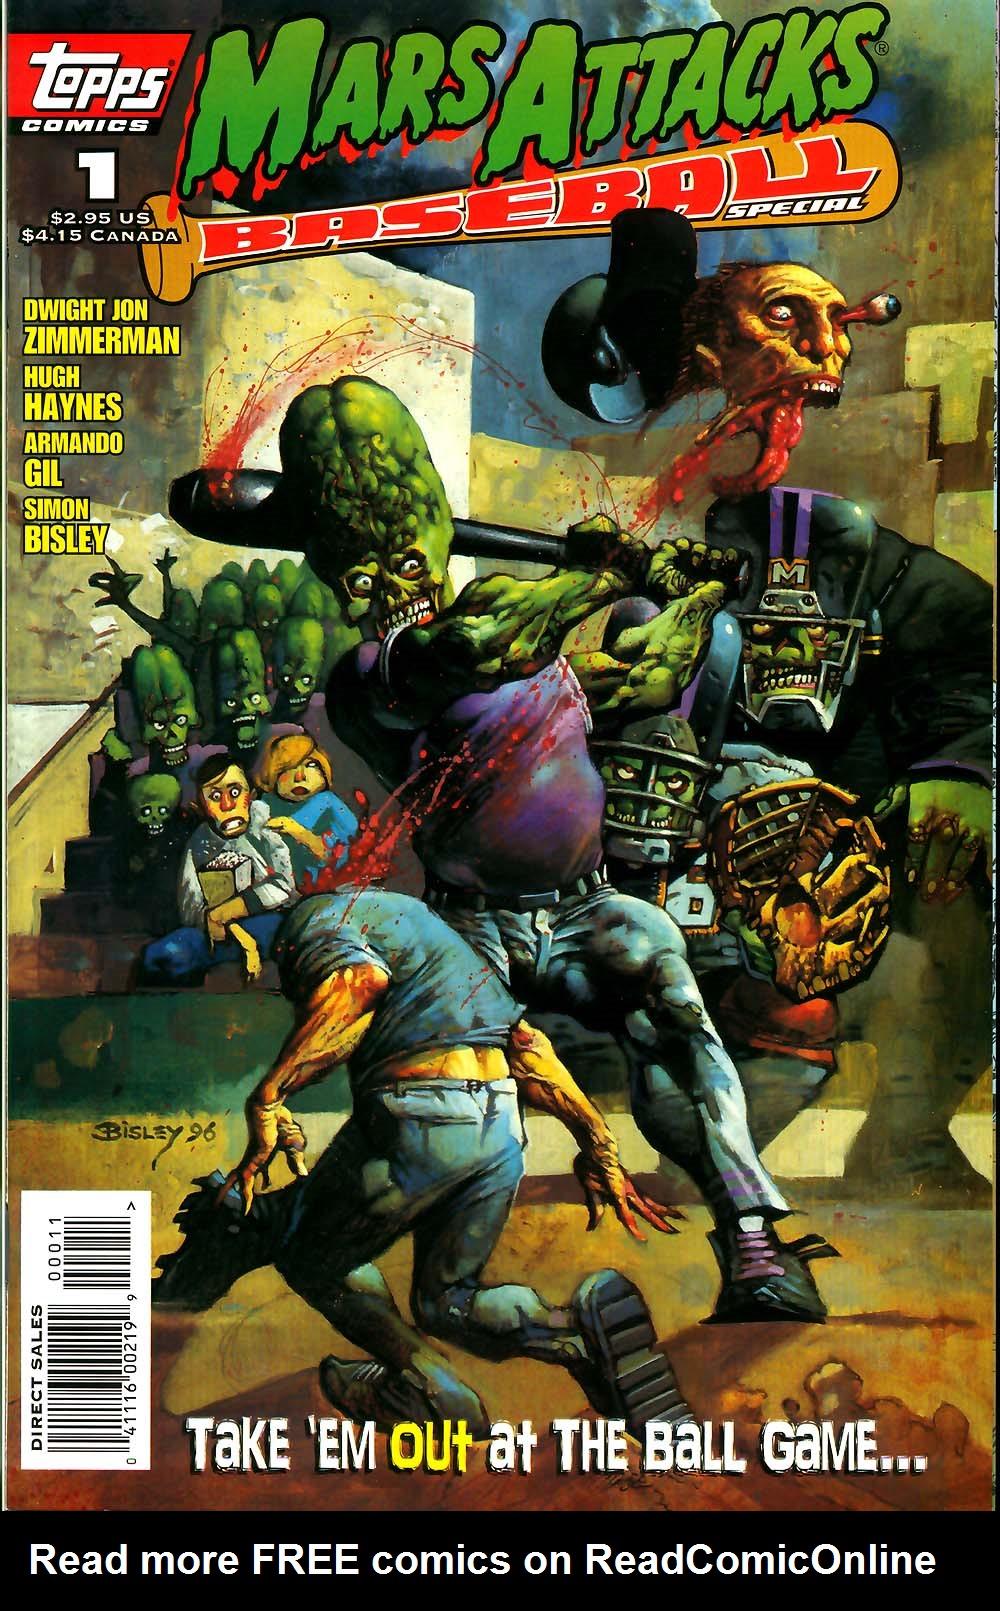 Read online Mars Attacks Baseball Special comic -  Issue # Full - 1